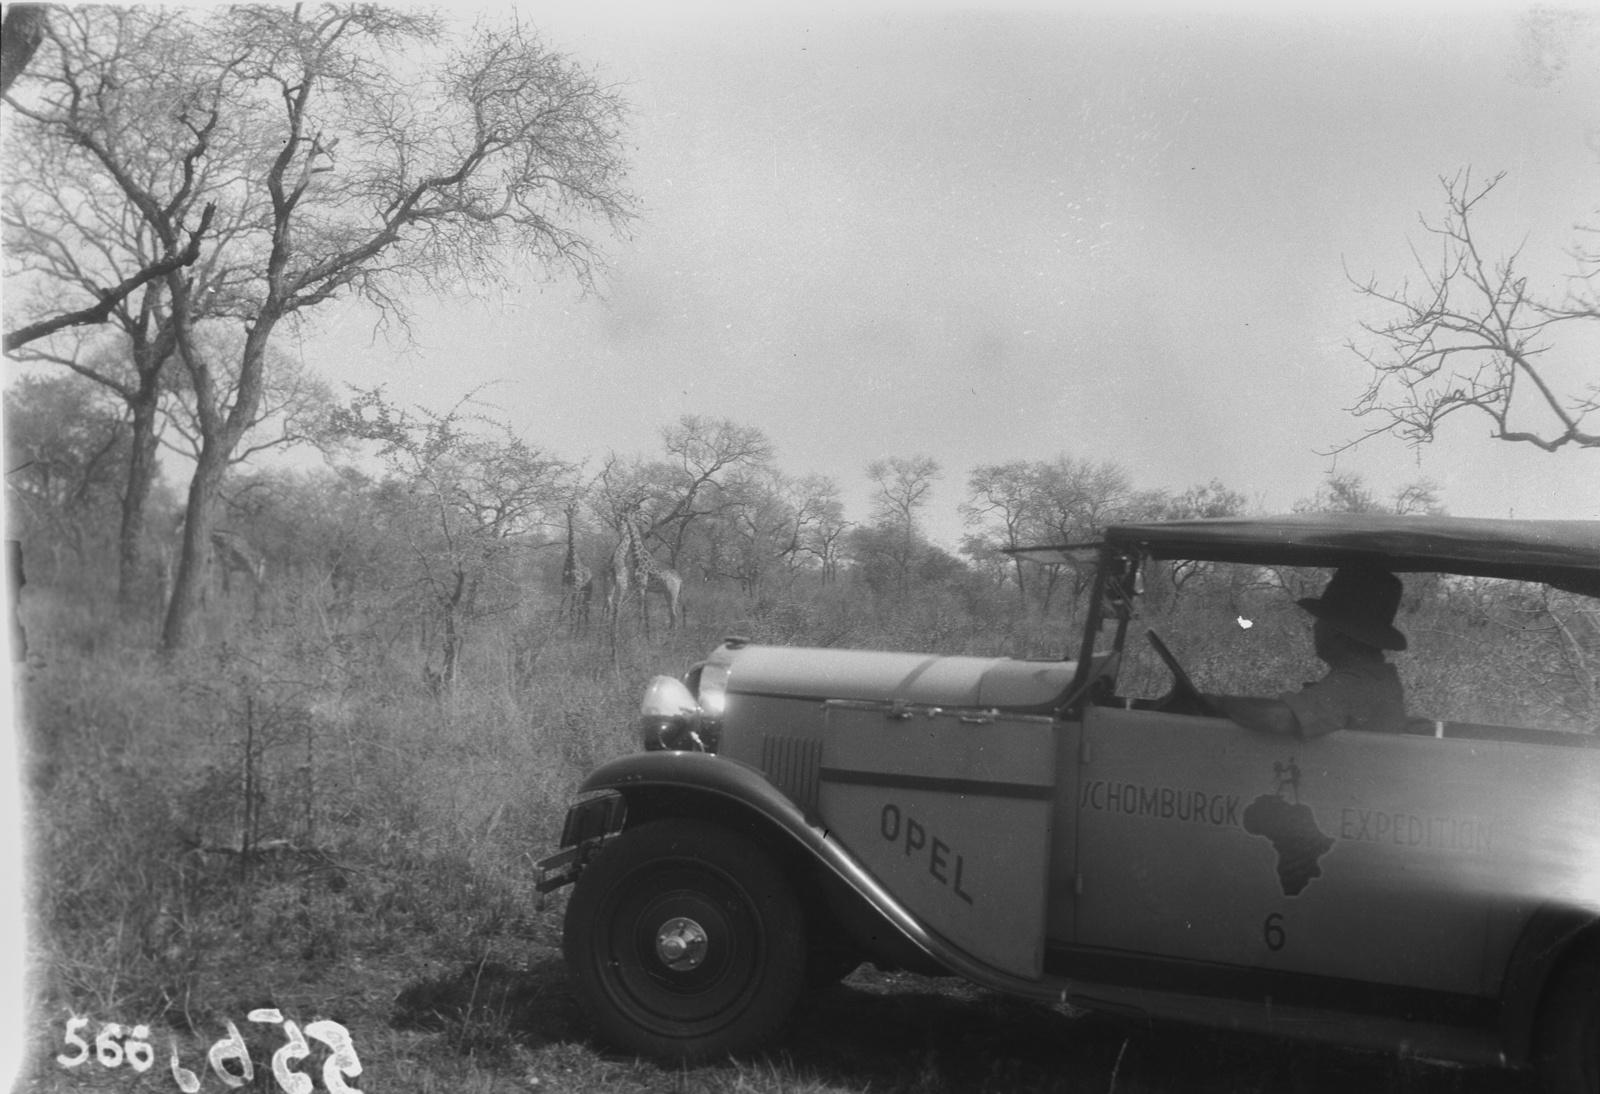 Национальный парк Крюгера. Участник экспедиции наблюдает из машины за стадом жирафов